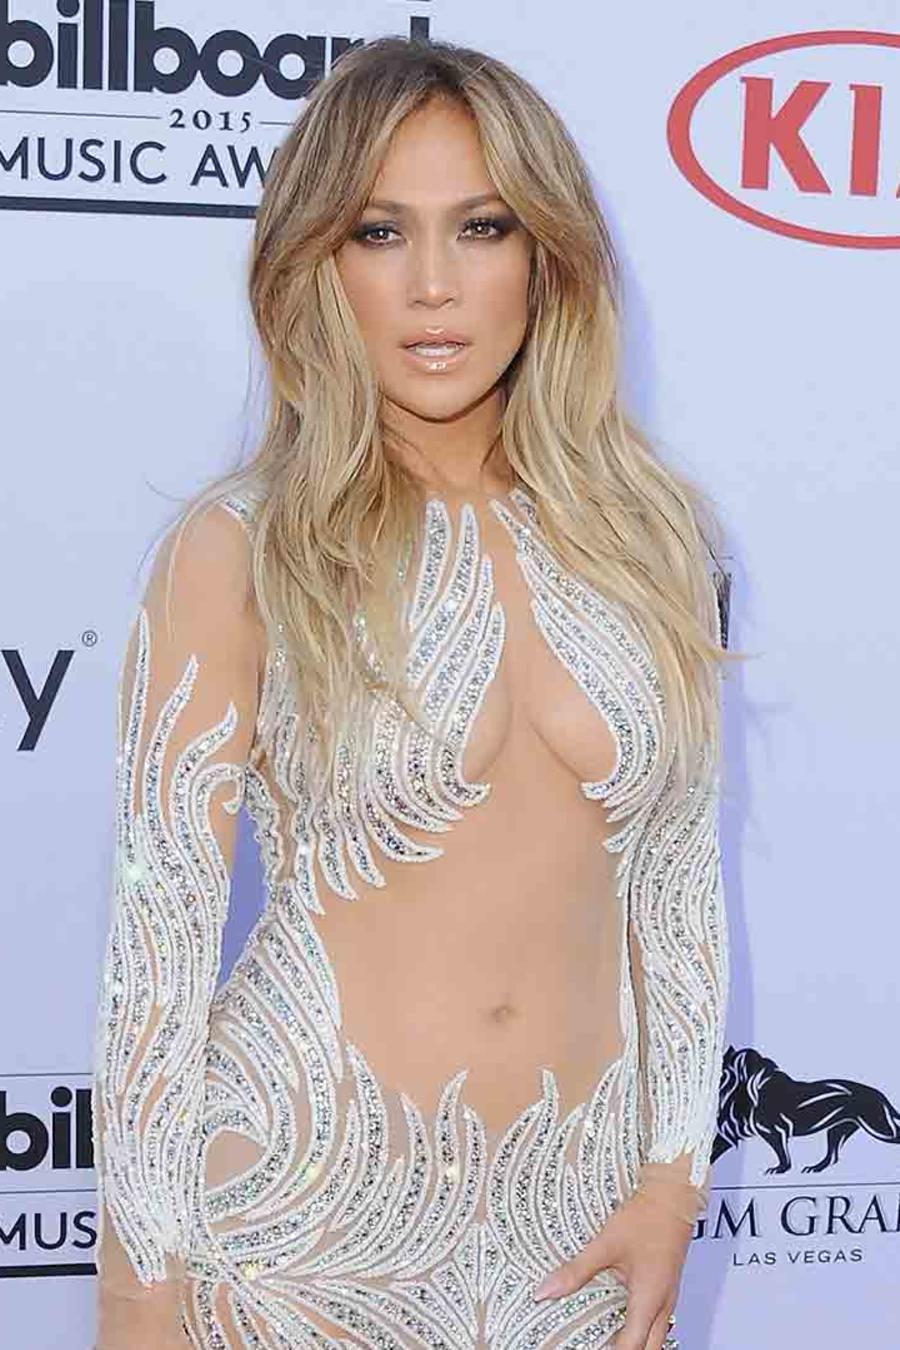 Jennifer Lopez en los Billboard Music Awards 2015 y Khloé Kardashian en el Angel Ball 2016